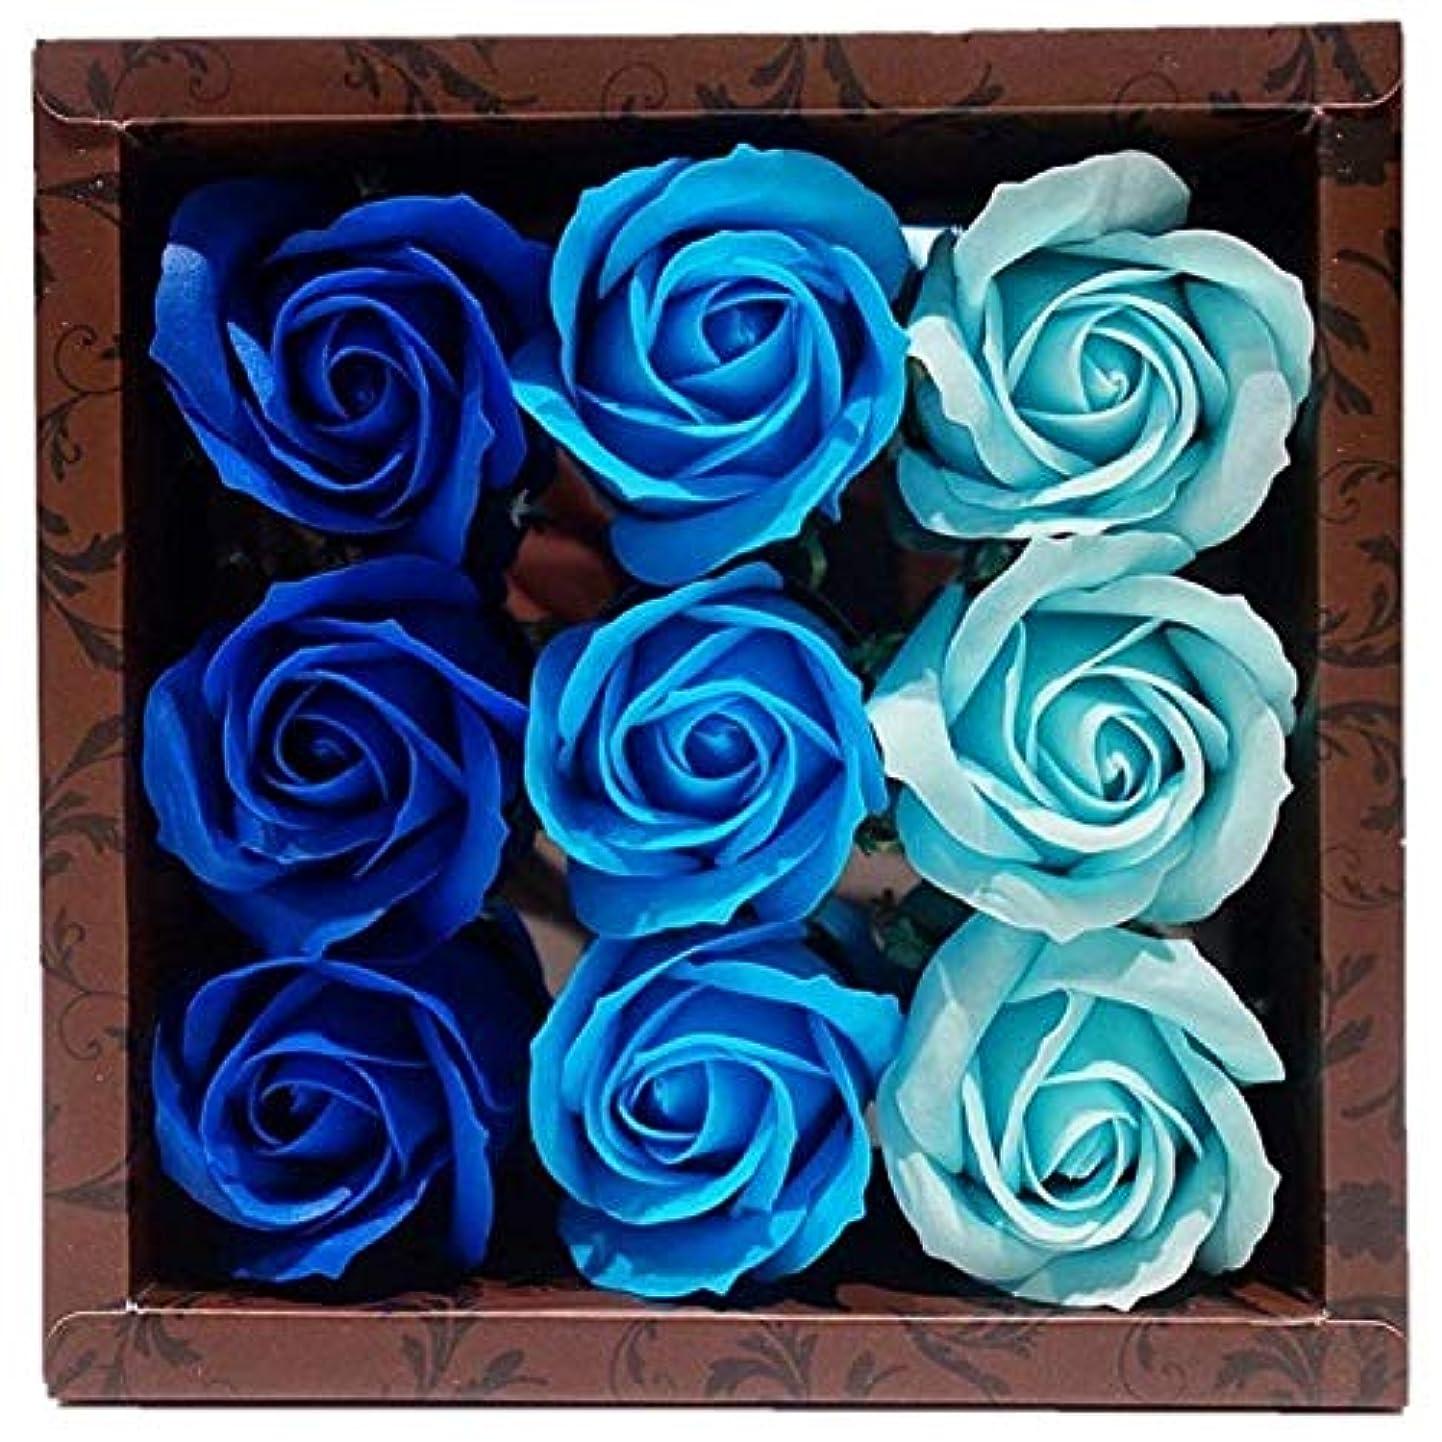 放つ仕立て屋インストラクターバスフレグランス バスフラワー ローズフレグランス ブルーカラー ギフト お花の形の入浴剤 ばら